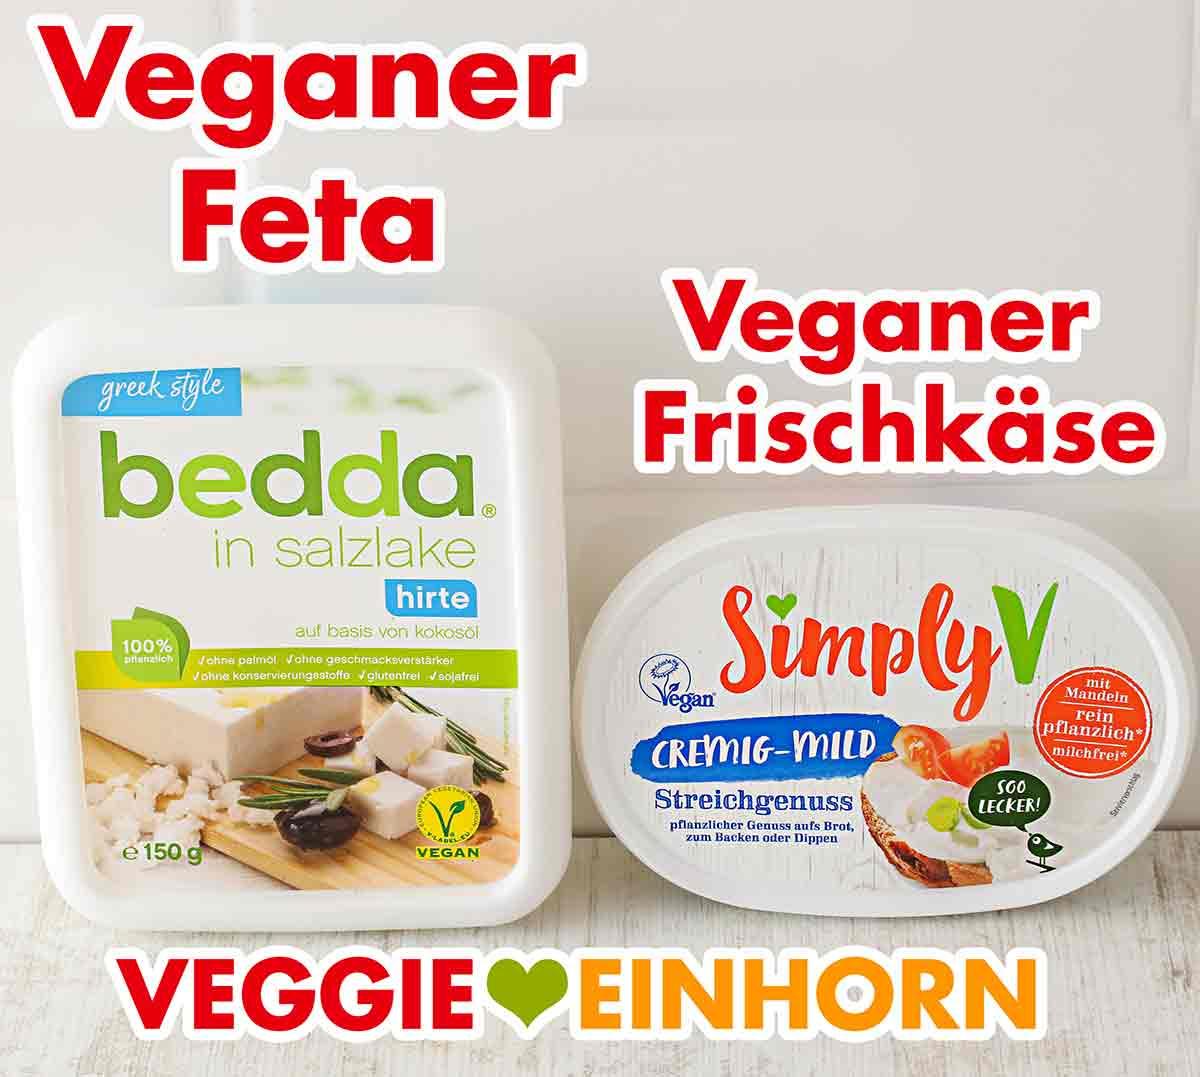 Eine Packung veganer Feta und eine Packung veganer Frischkäse